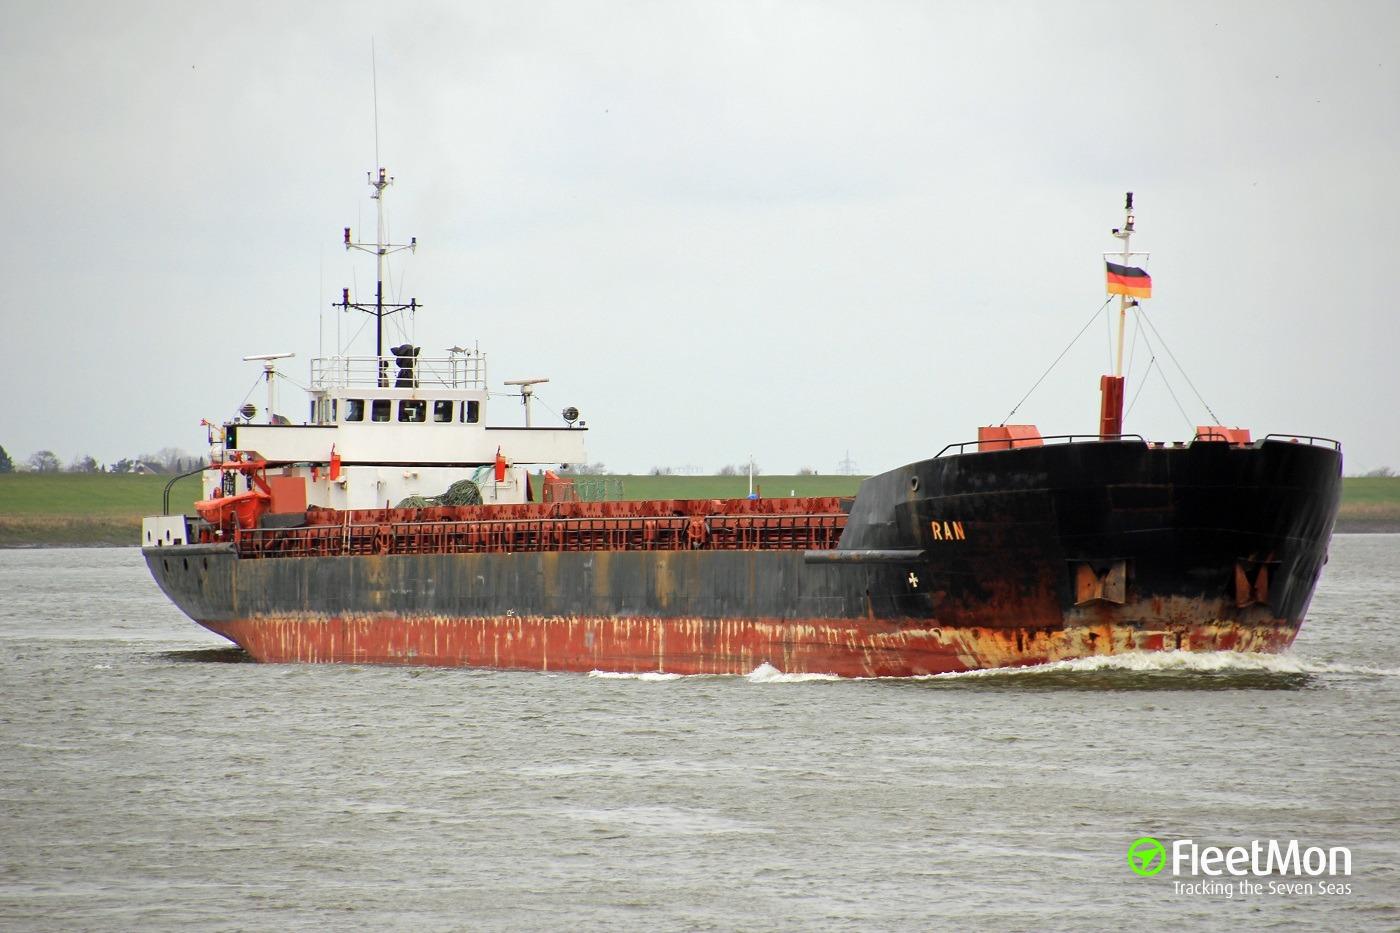 General cargo vessel RAN aground in Oresund, Swedish coast